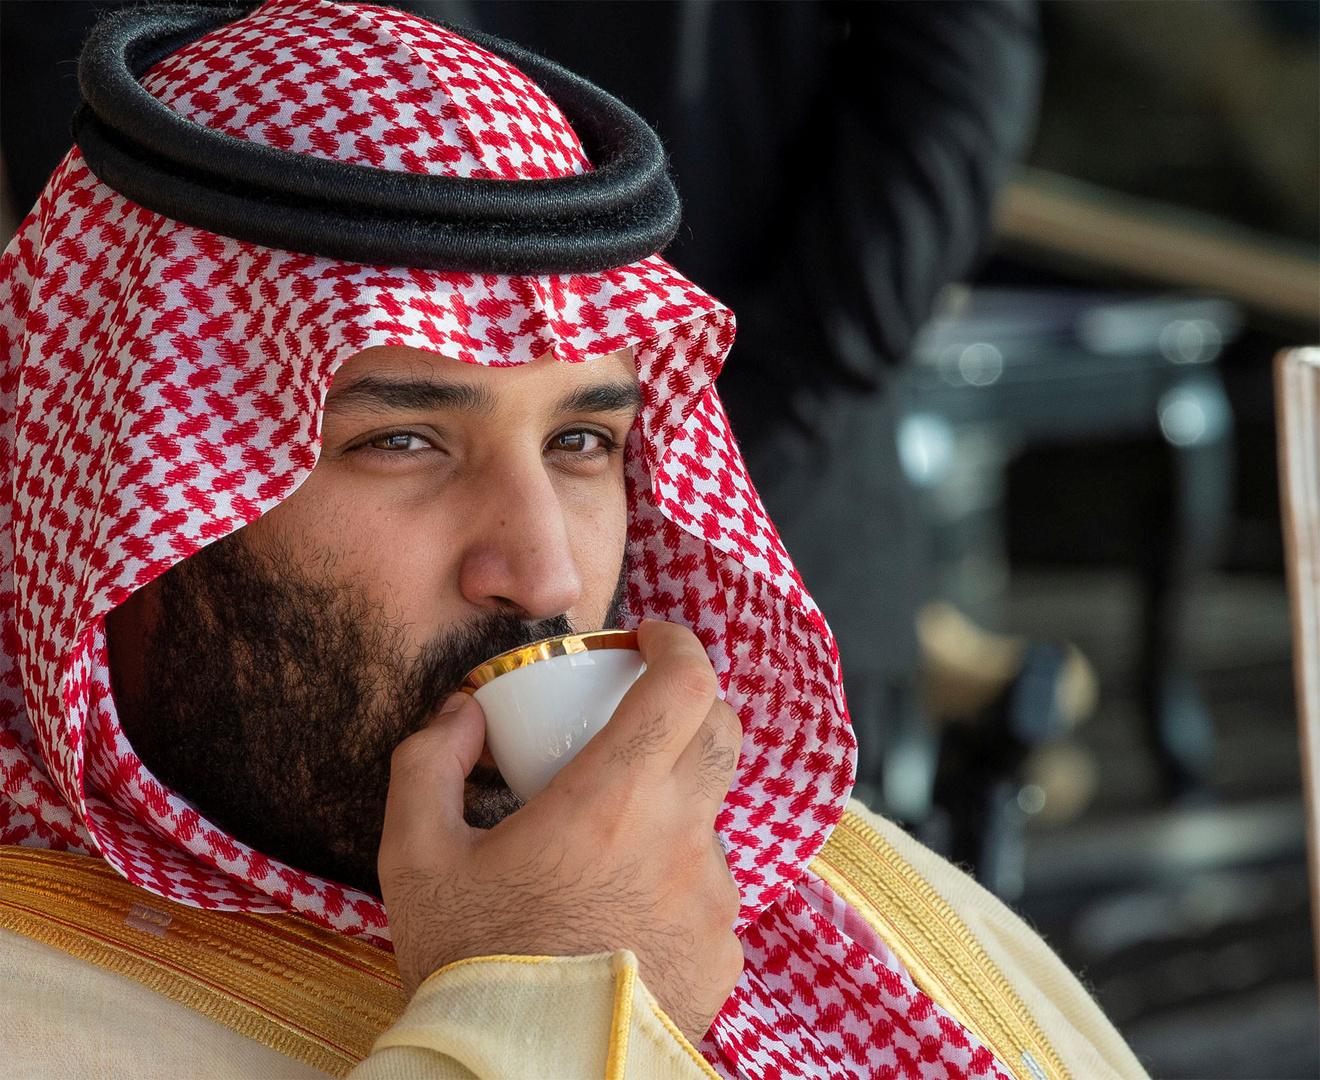 نائب وزير الدفاع السعودي يكشف موقف شقيقه ولي العهد إزاء إمكانية تغيير حكومة إيران